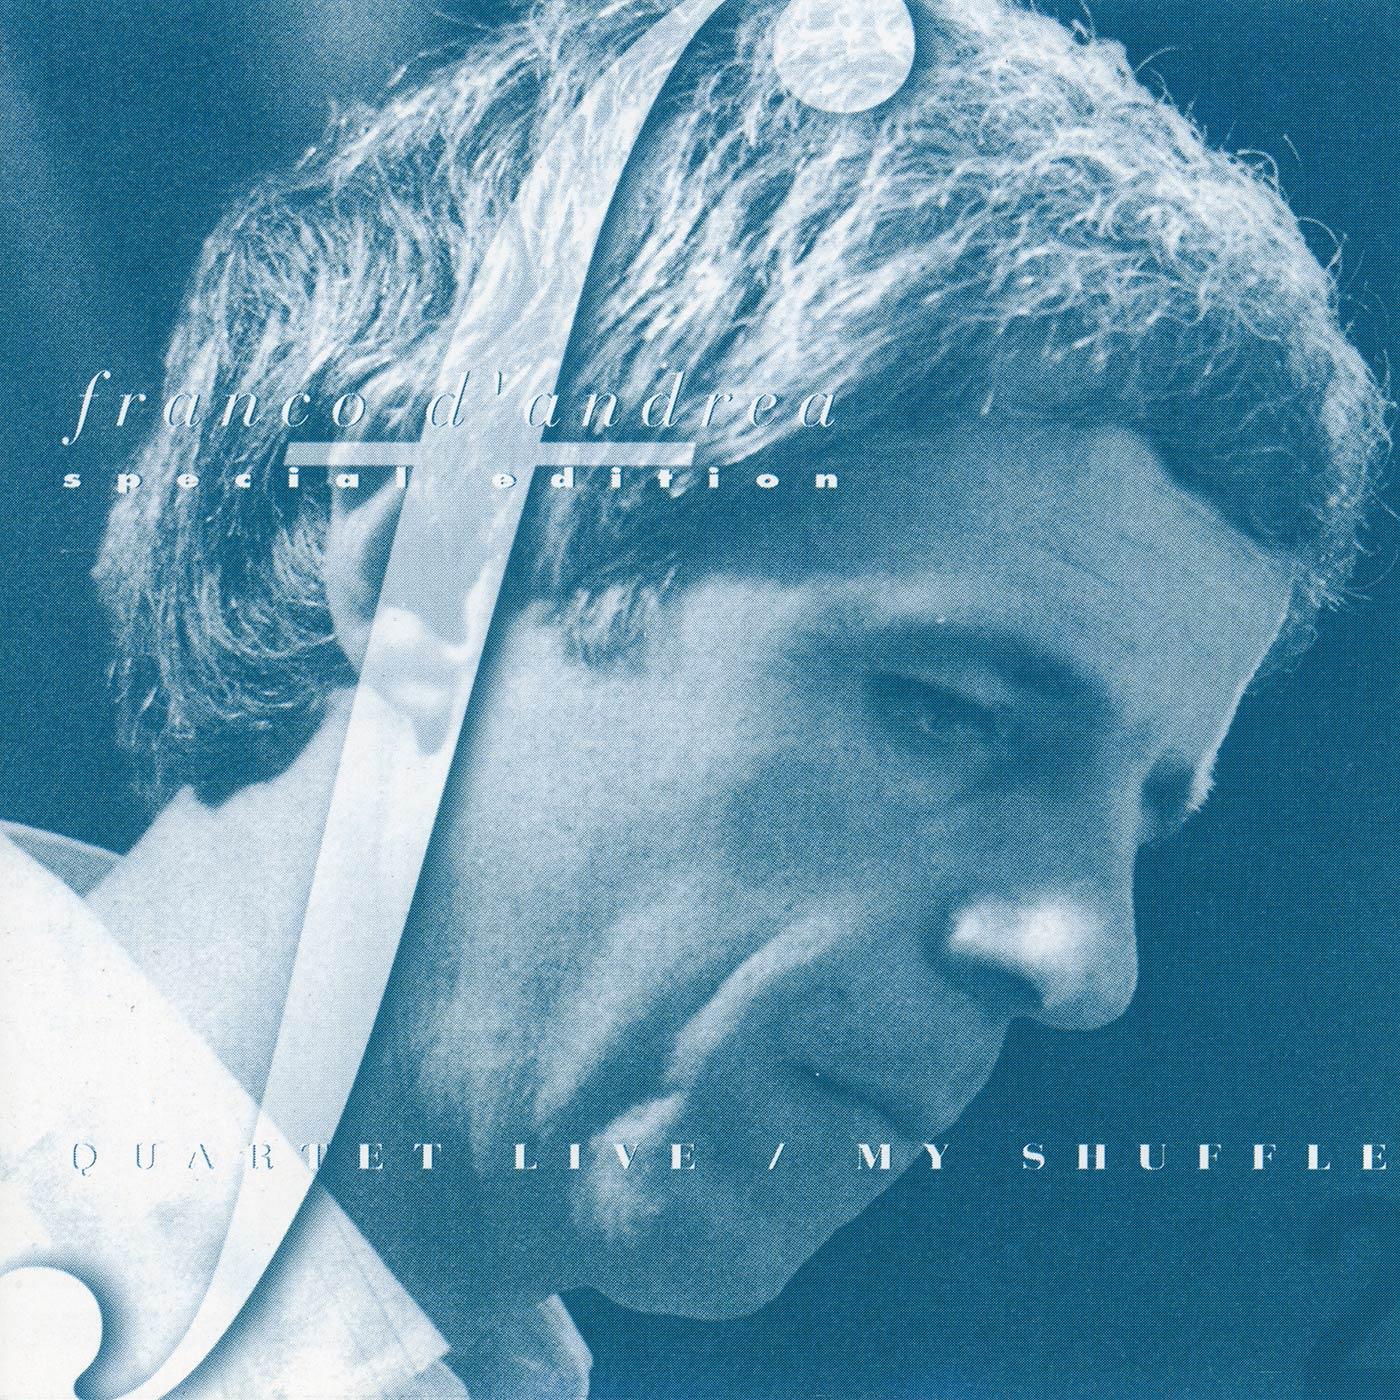 My Shuffle - Live - Franco D'Andrea Quartet